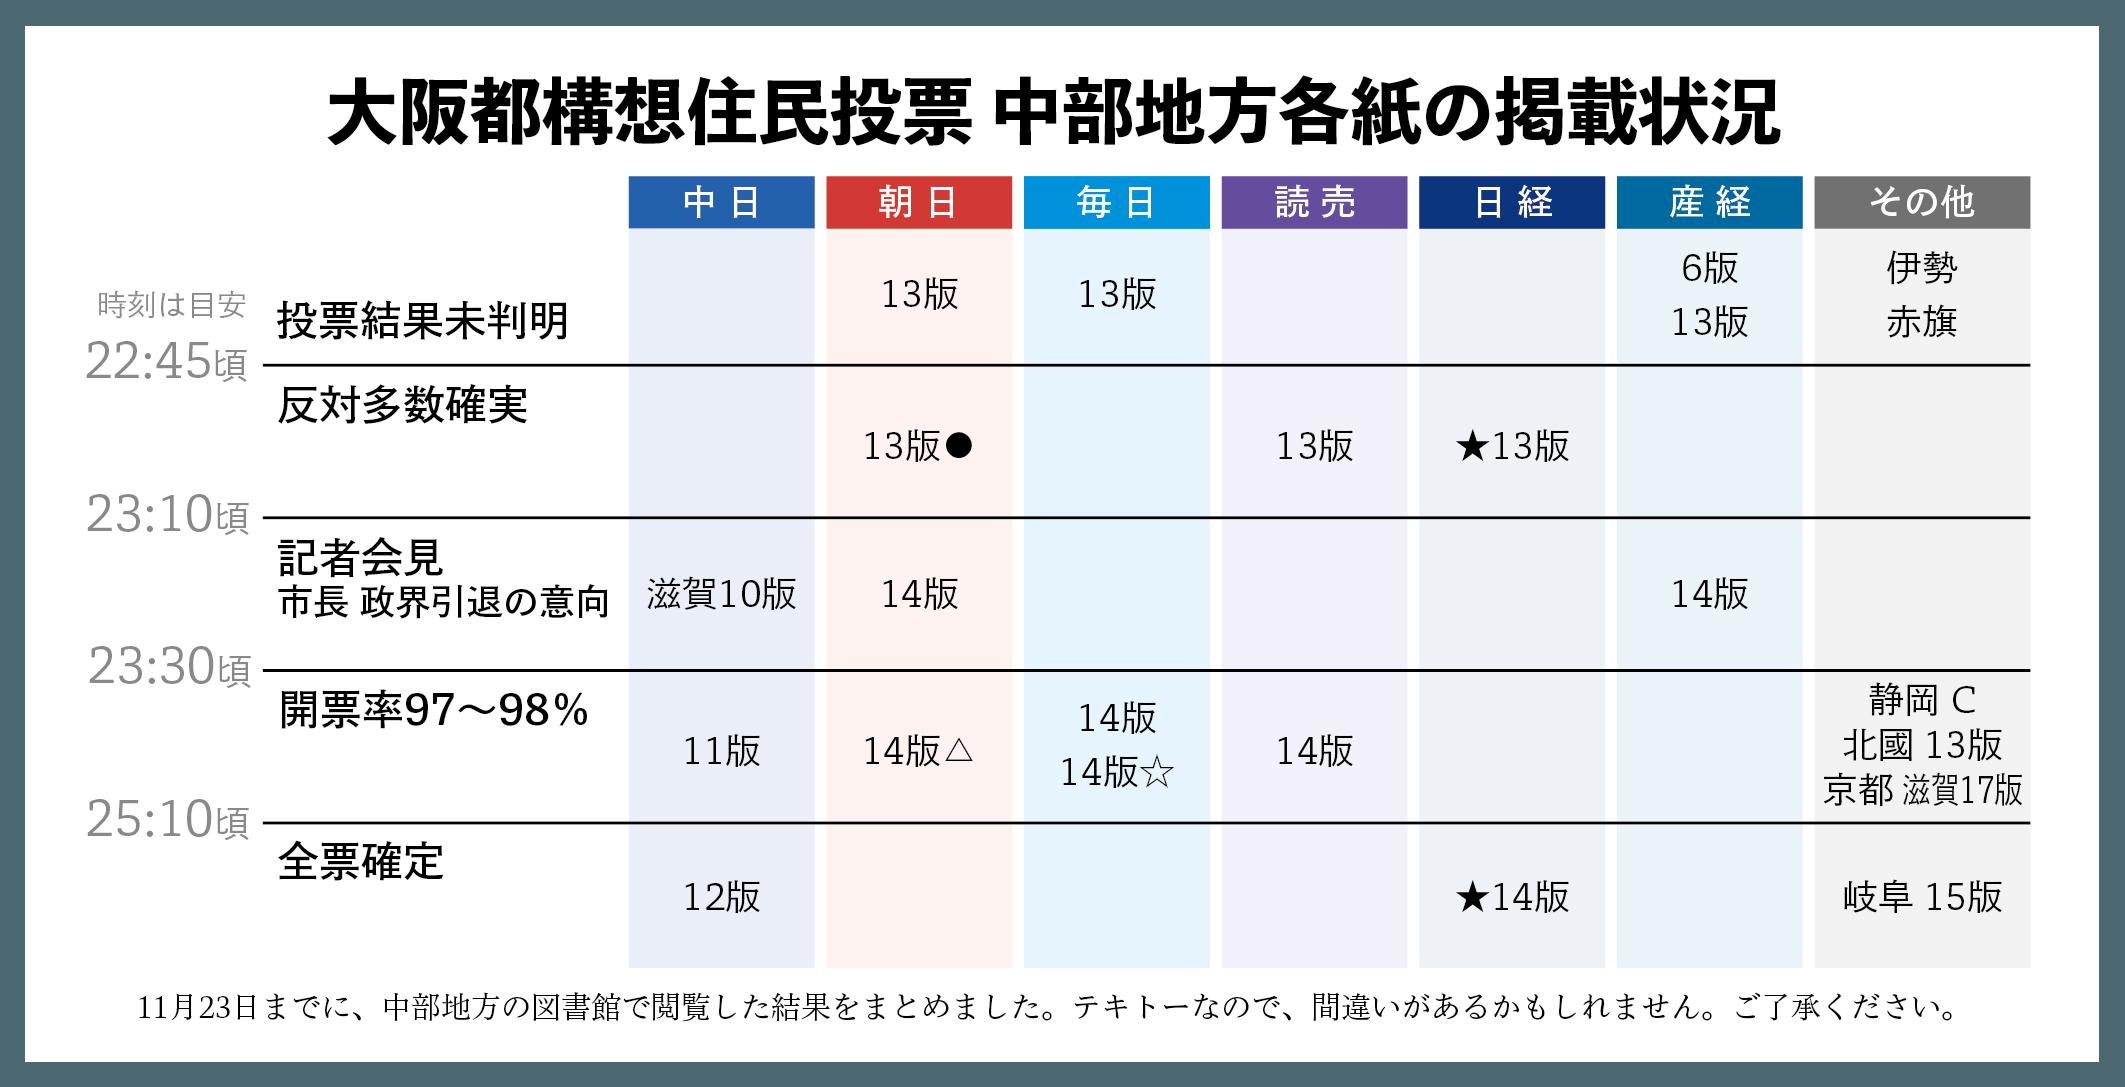 大阪都構想住民投票 新聞各紙の掲載状況